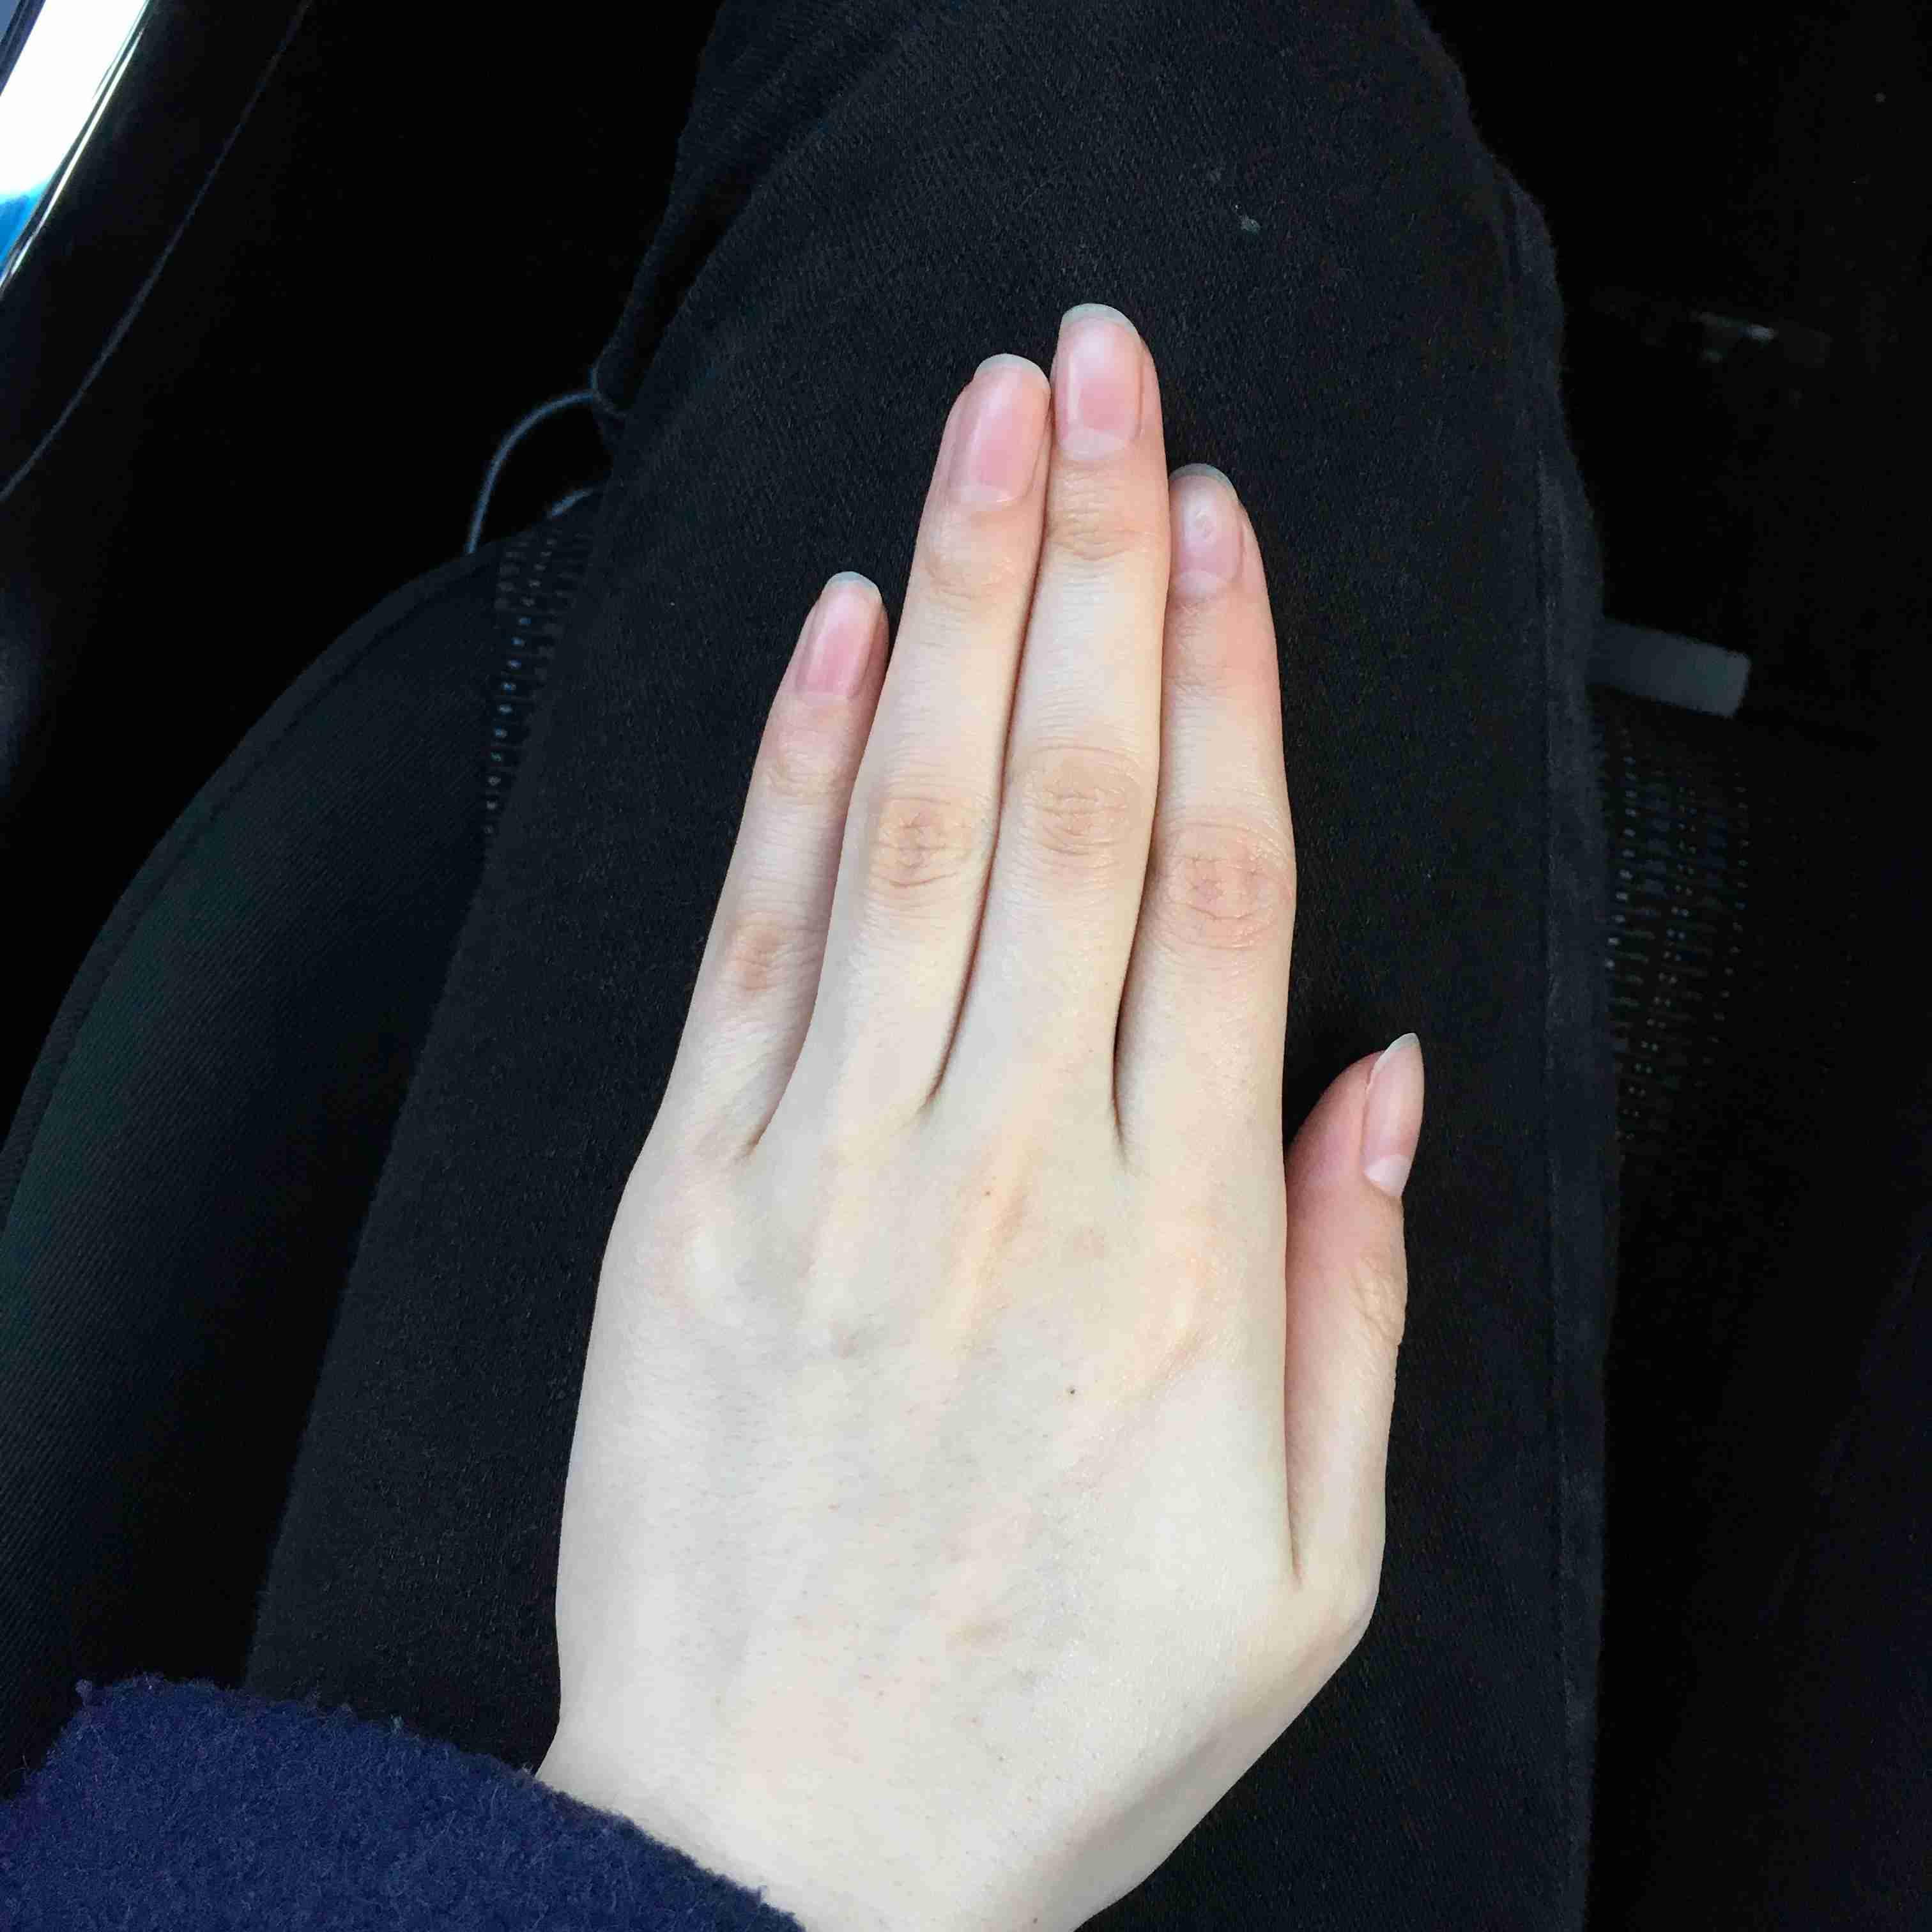 手の爪の形